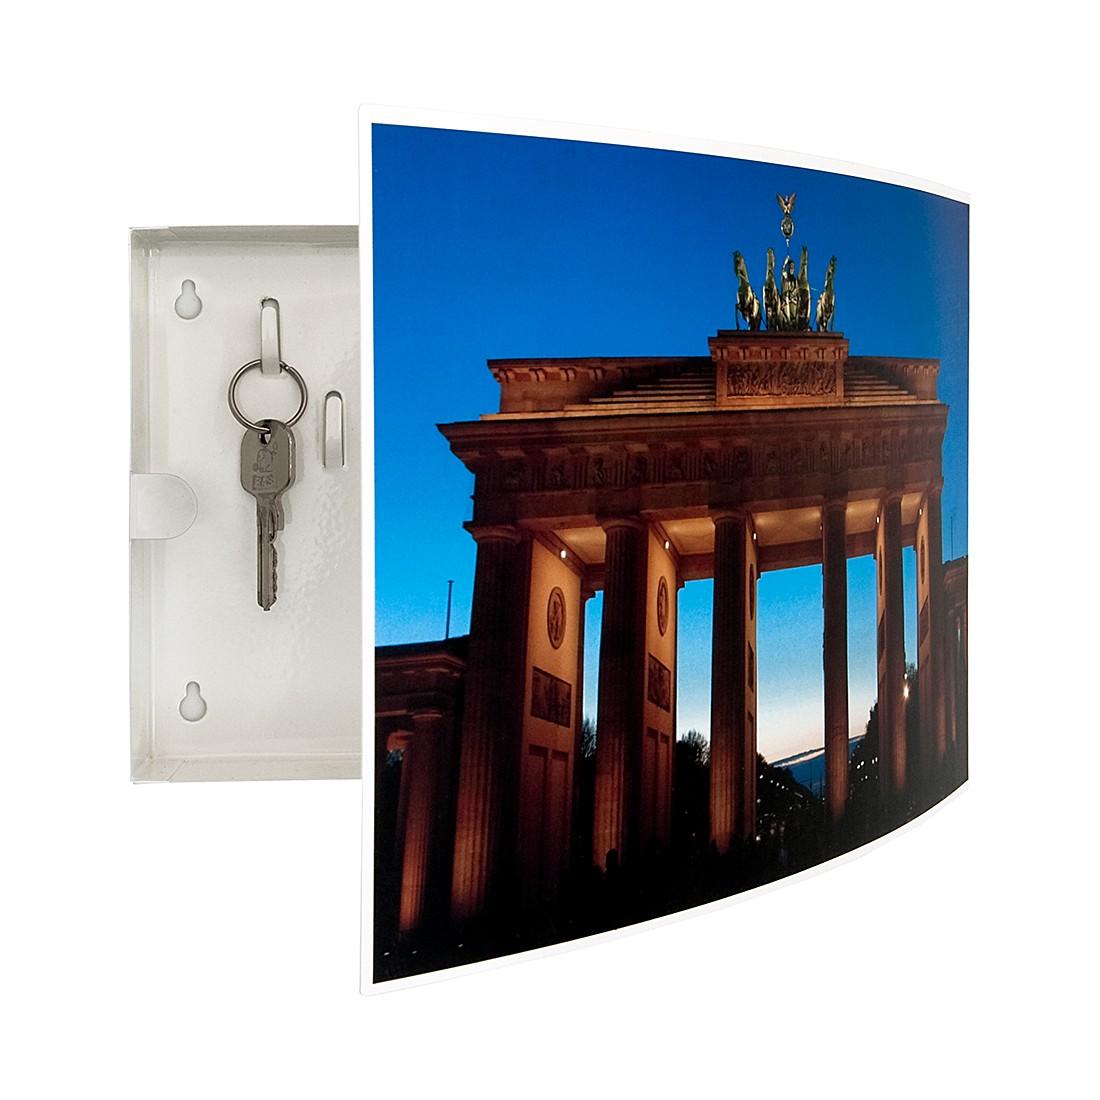 Sleutelkastje City Berlijn - metaal, loftscape